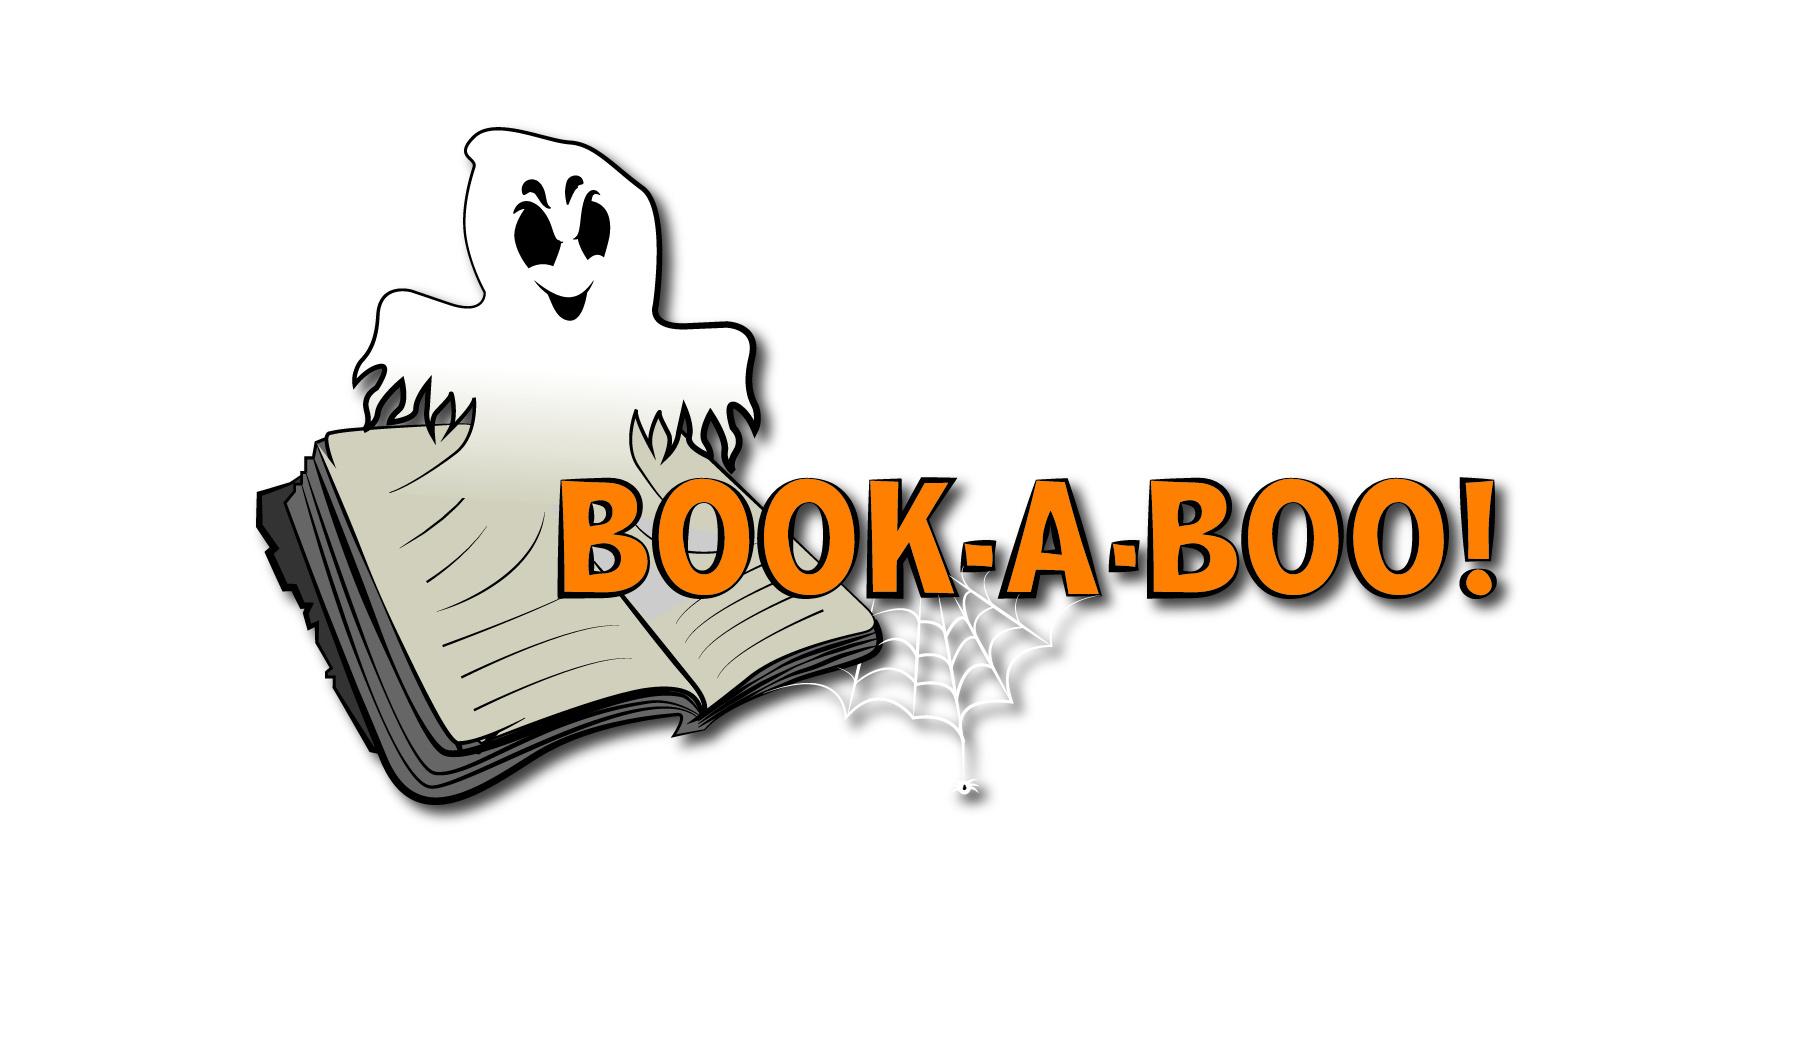 BOOK-A-BOO